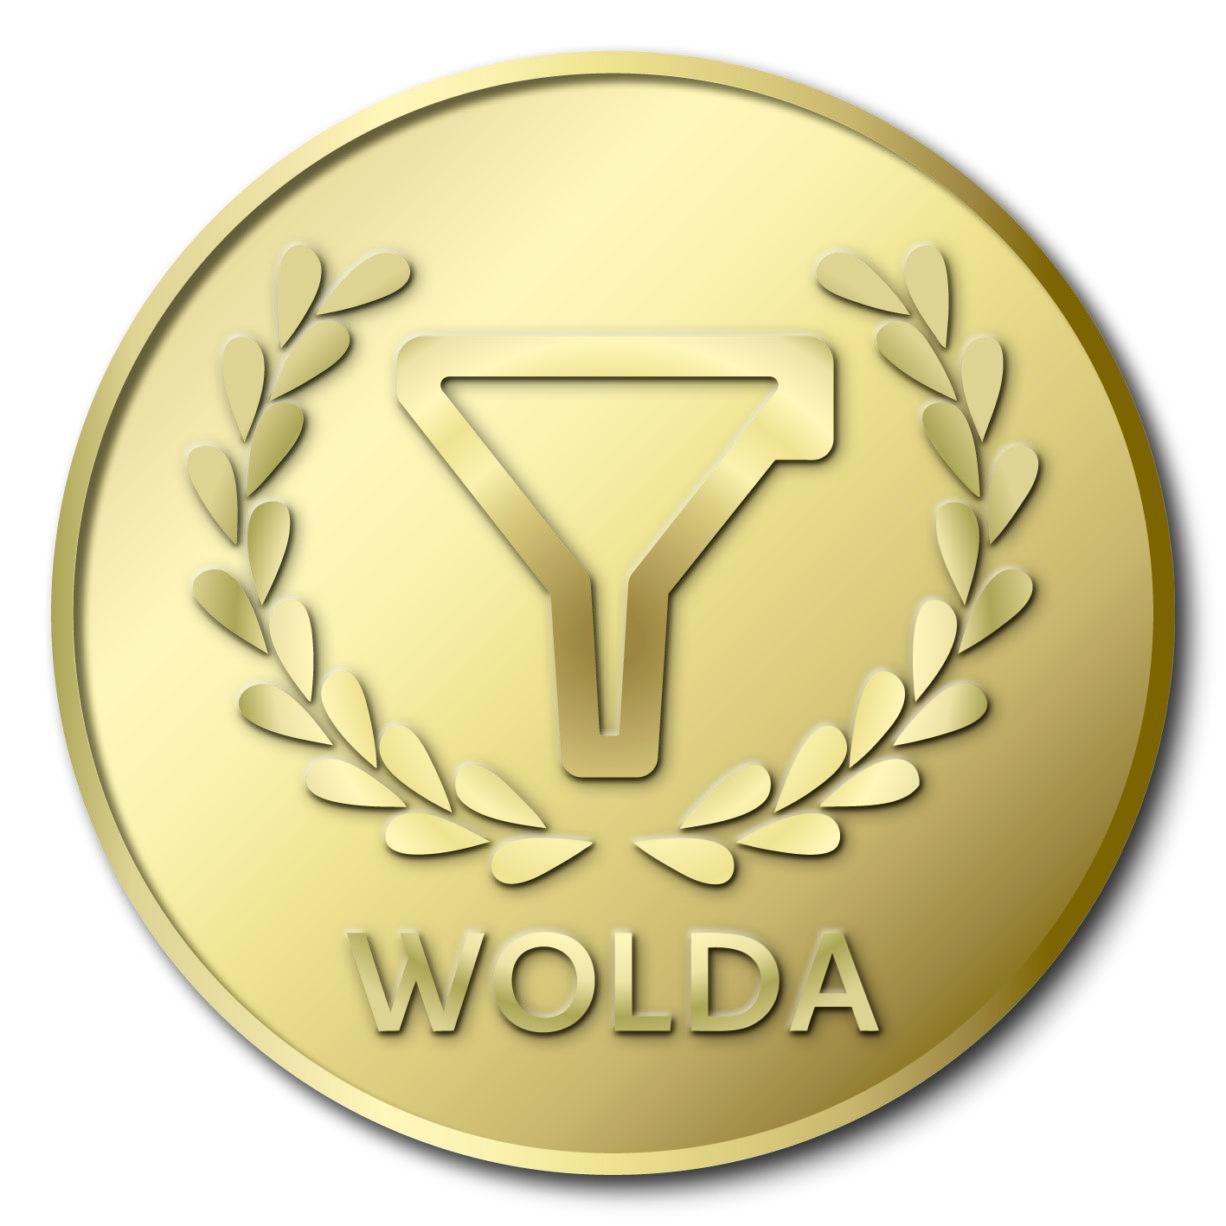 WOLDA Gold Medal